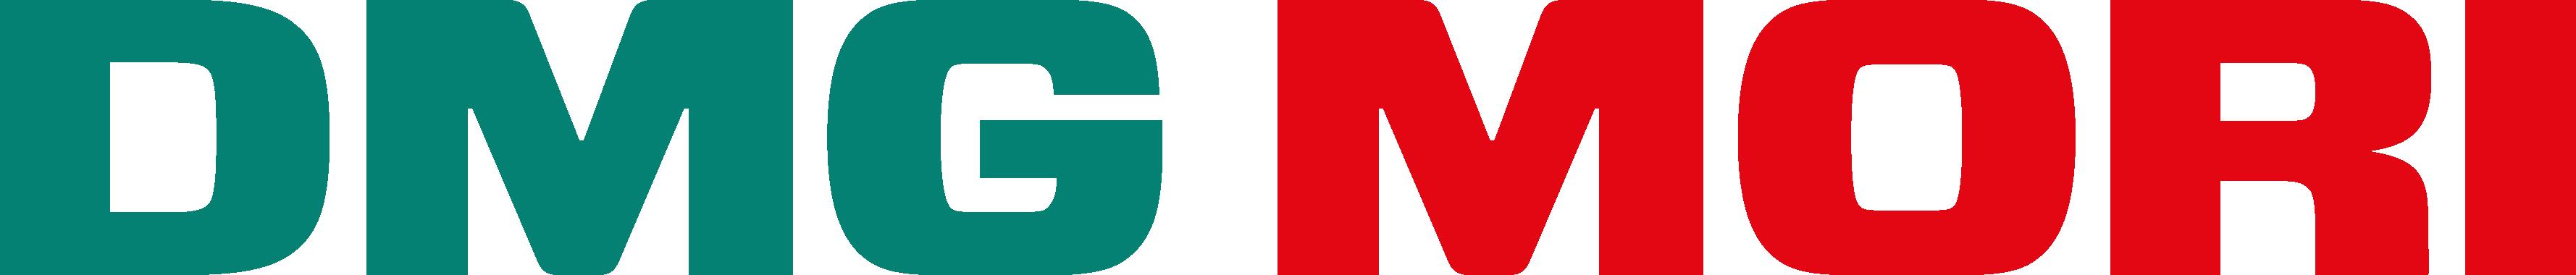 DMG/MORI